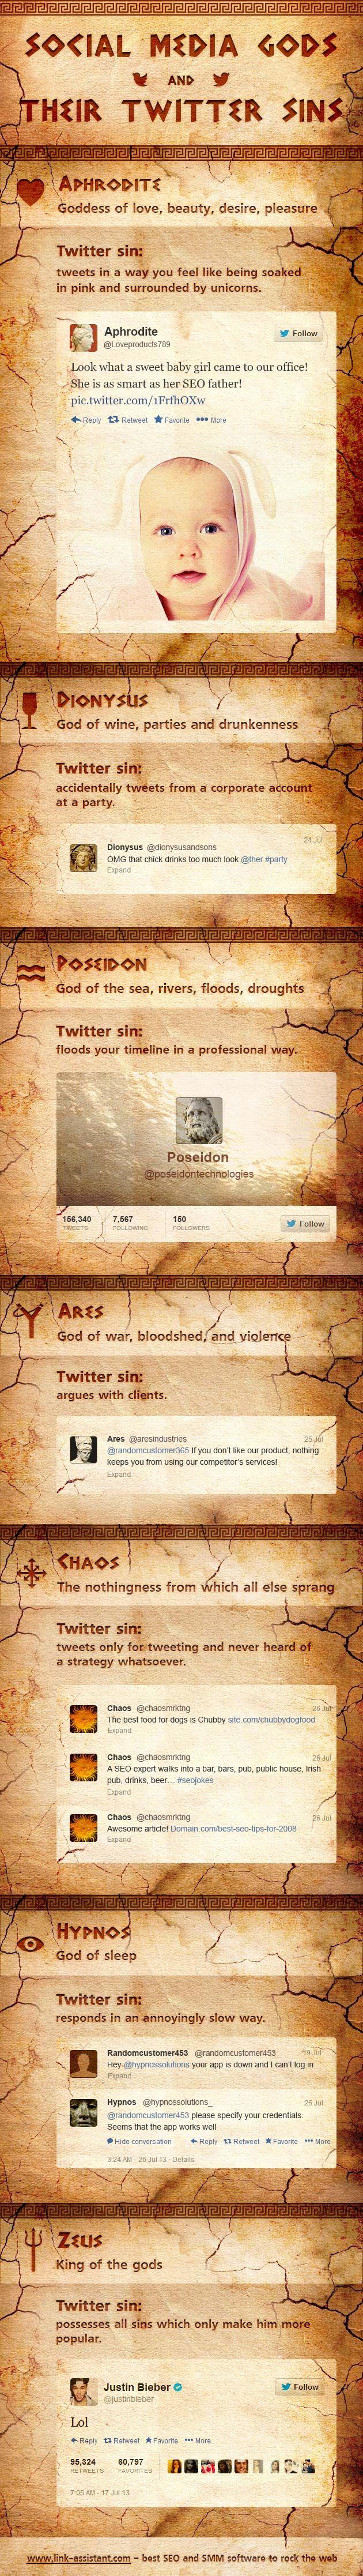 Social media gods and their Tw